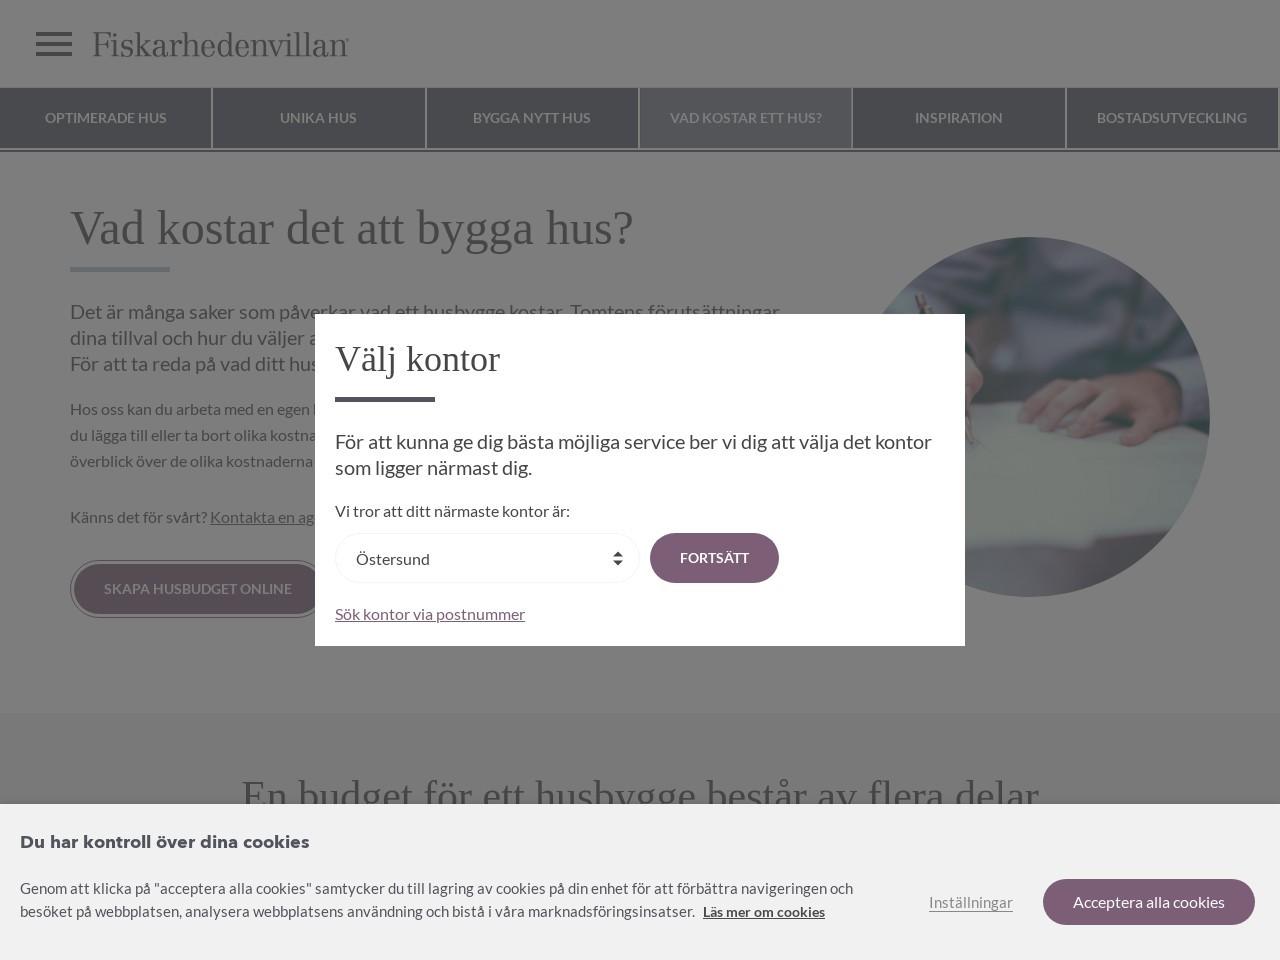 Billiga Priser Hus - Hustillverkare & Fritidshus - Fiskarhedenvillan